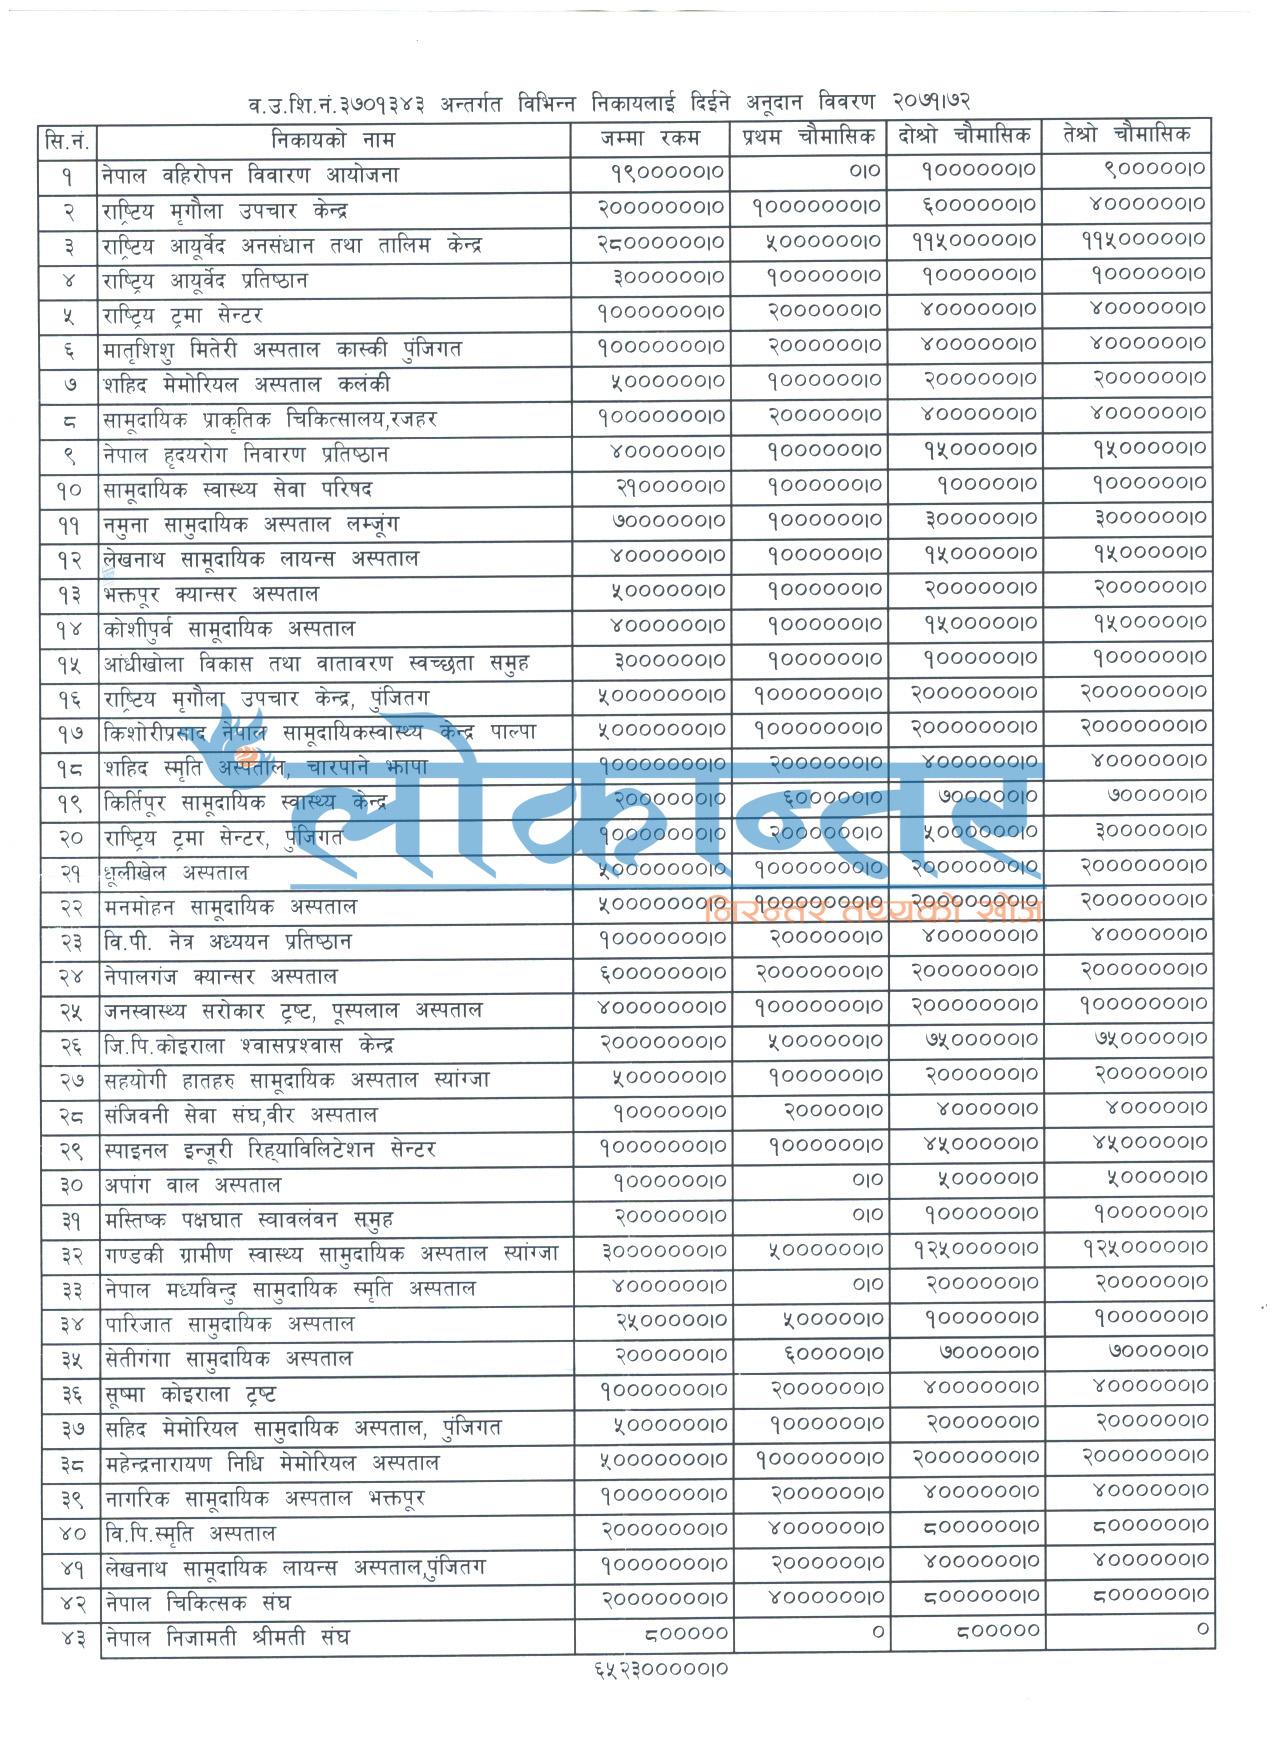 अस्पताल र संघसंस्थालाई ६५ करोड बाँडियो (भाग–१)